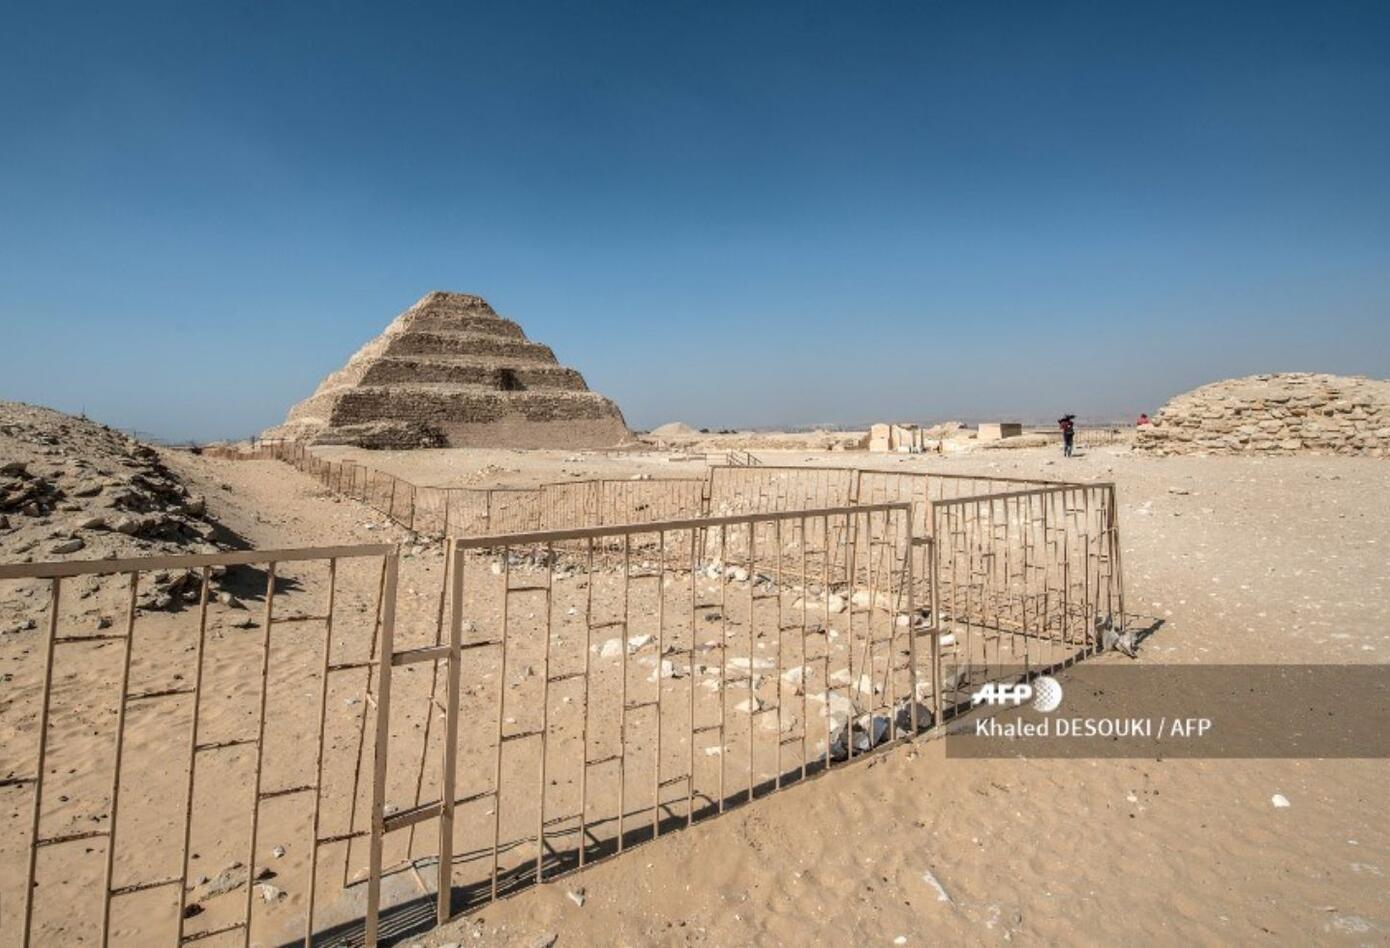 """La pirámide del faraón Zoser es el """"primer edificio por completo construido en piedra en el mundo""""."""